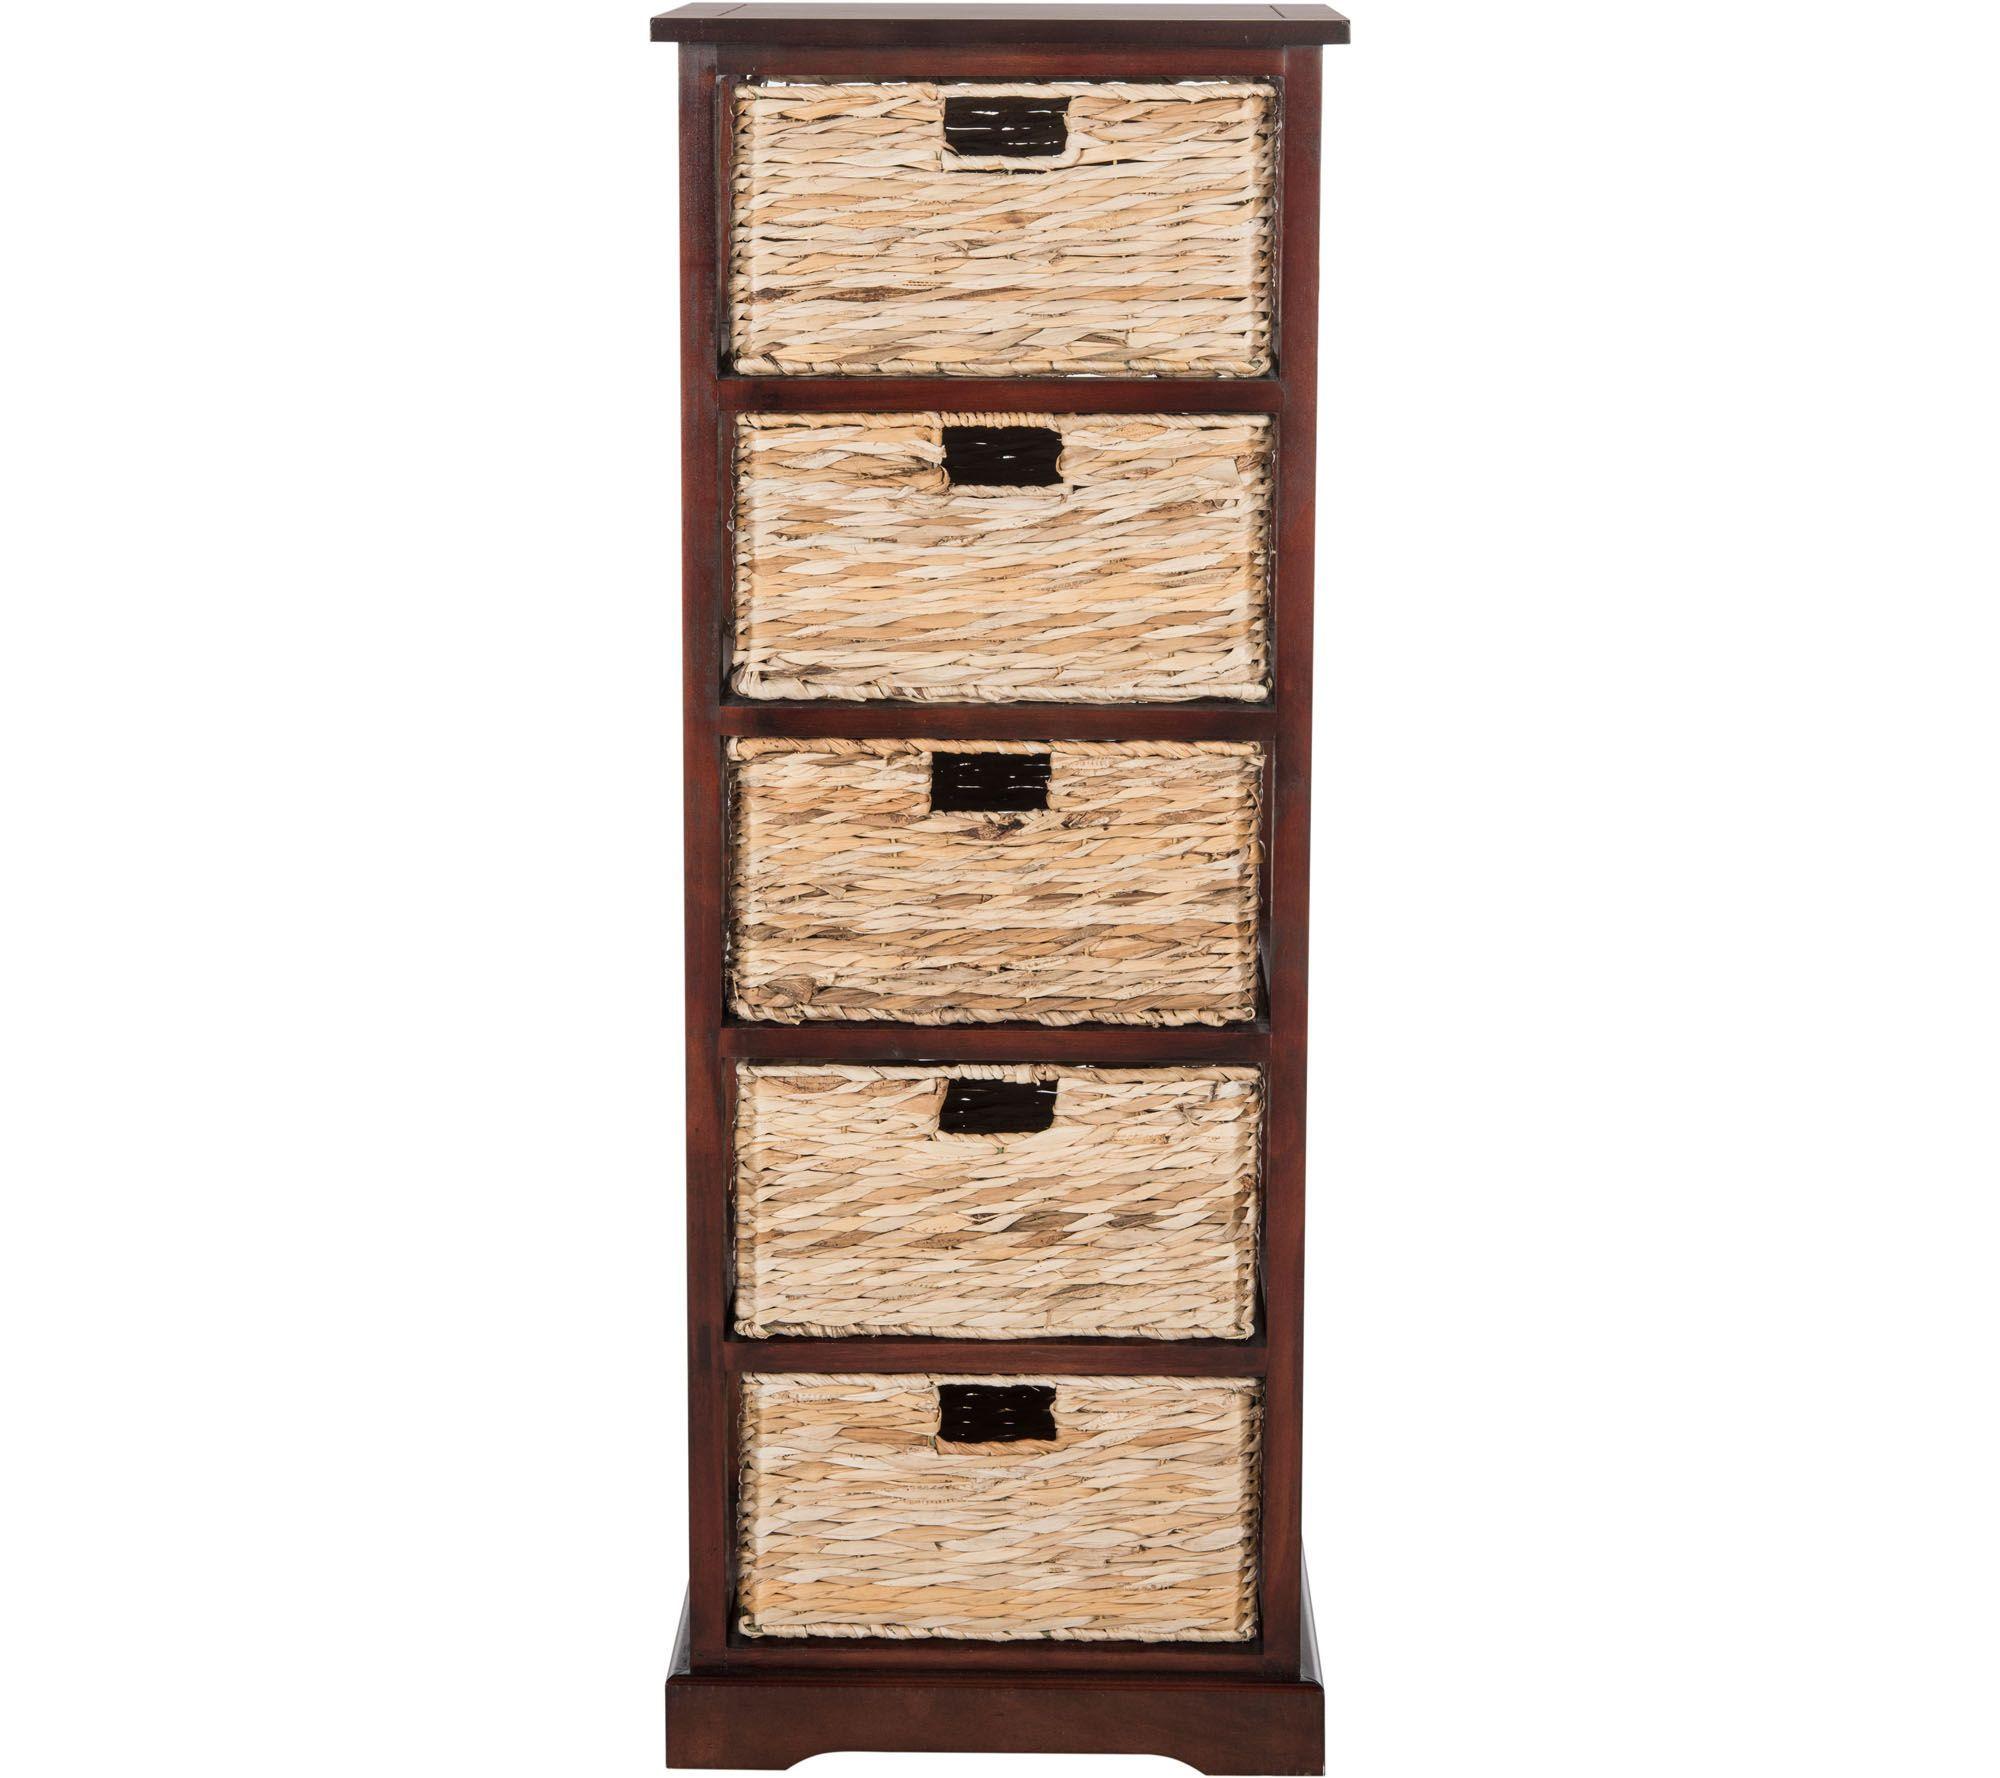 Safavieh Vedette 5 Wicker Basket Storage Tower Qvc Com Storage